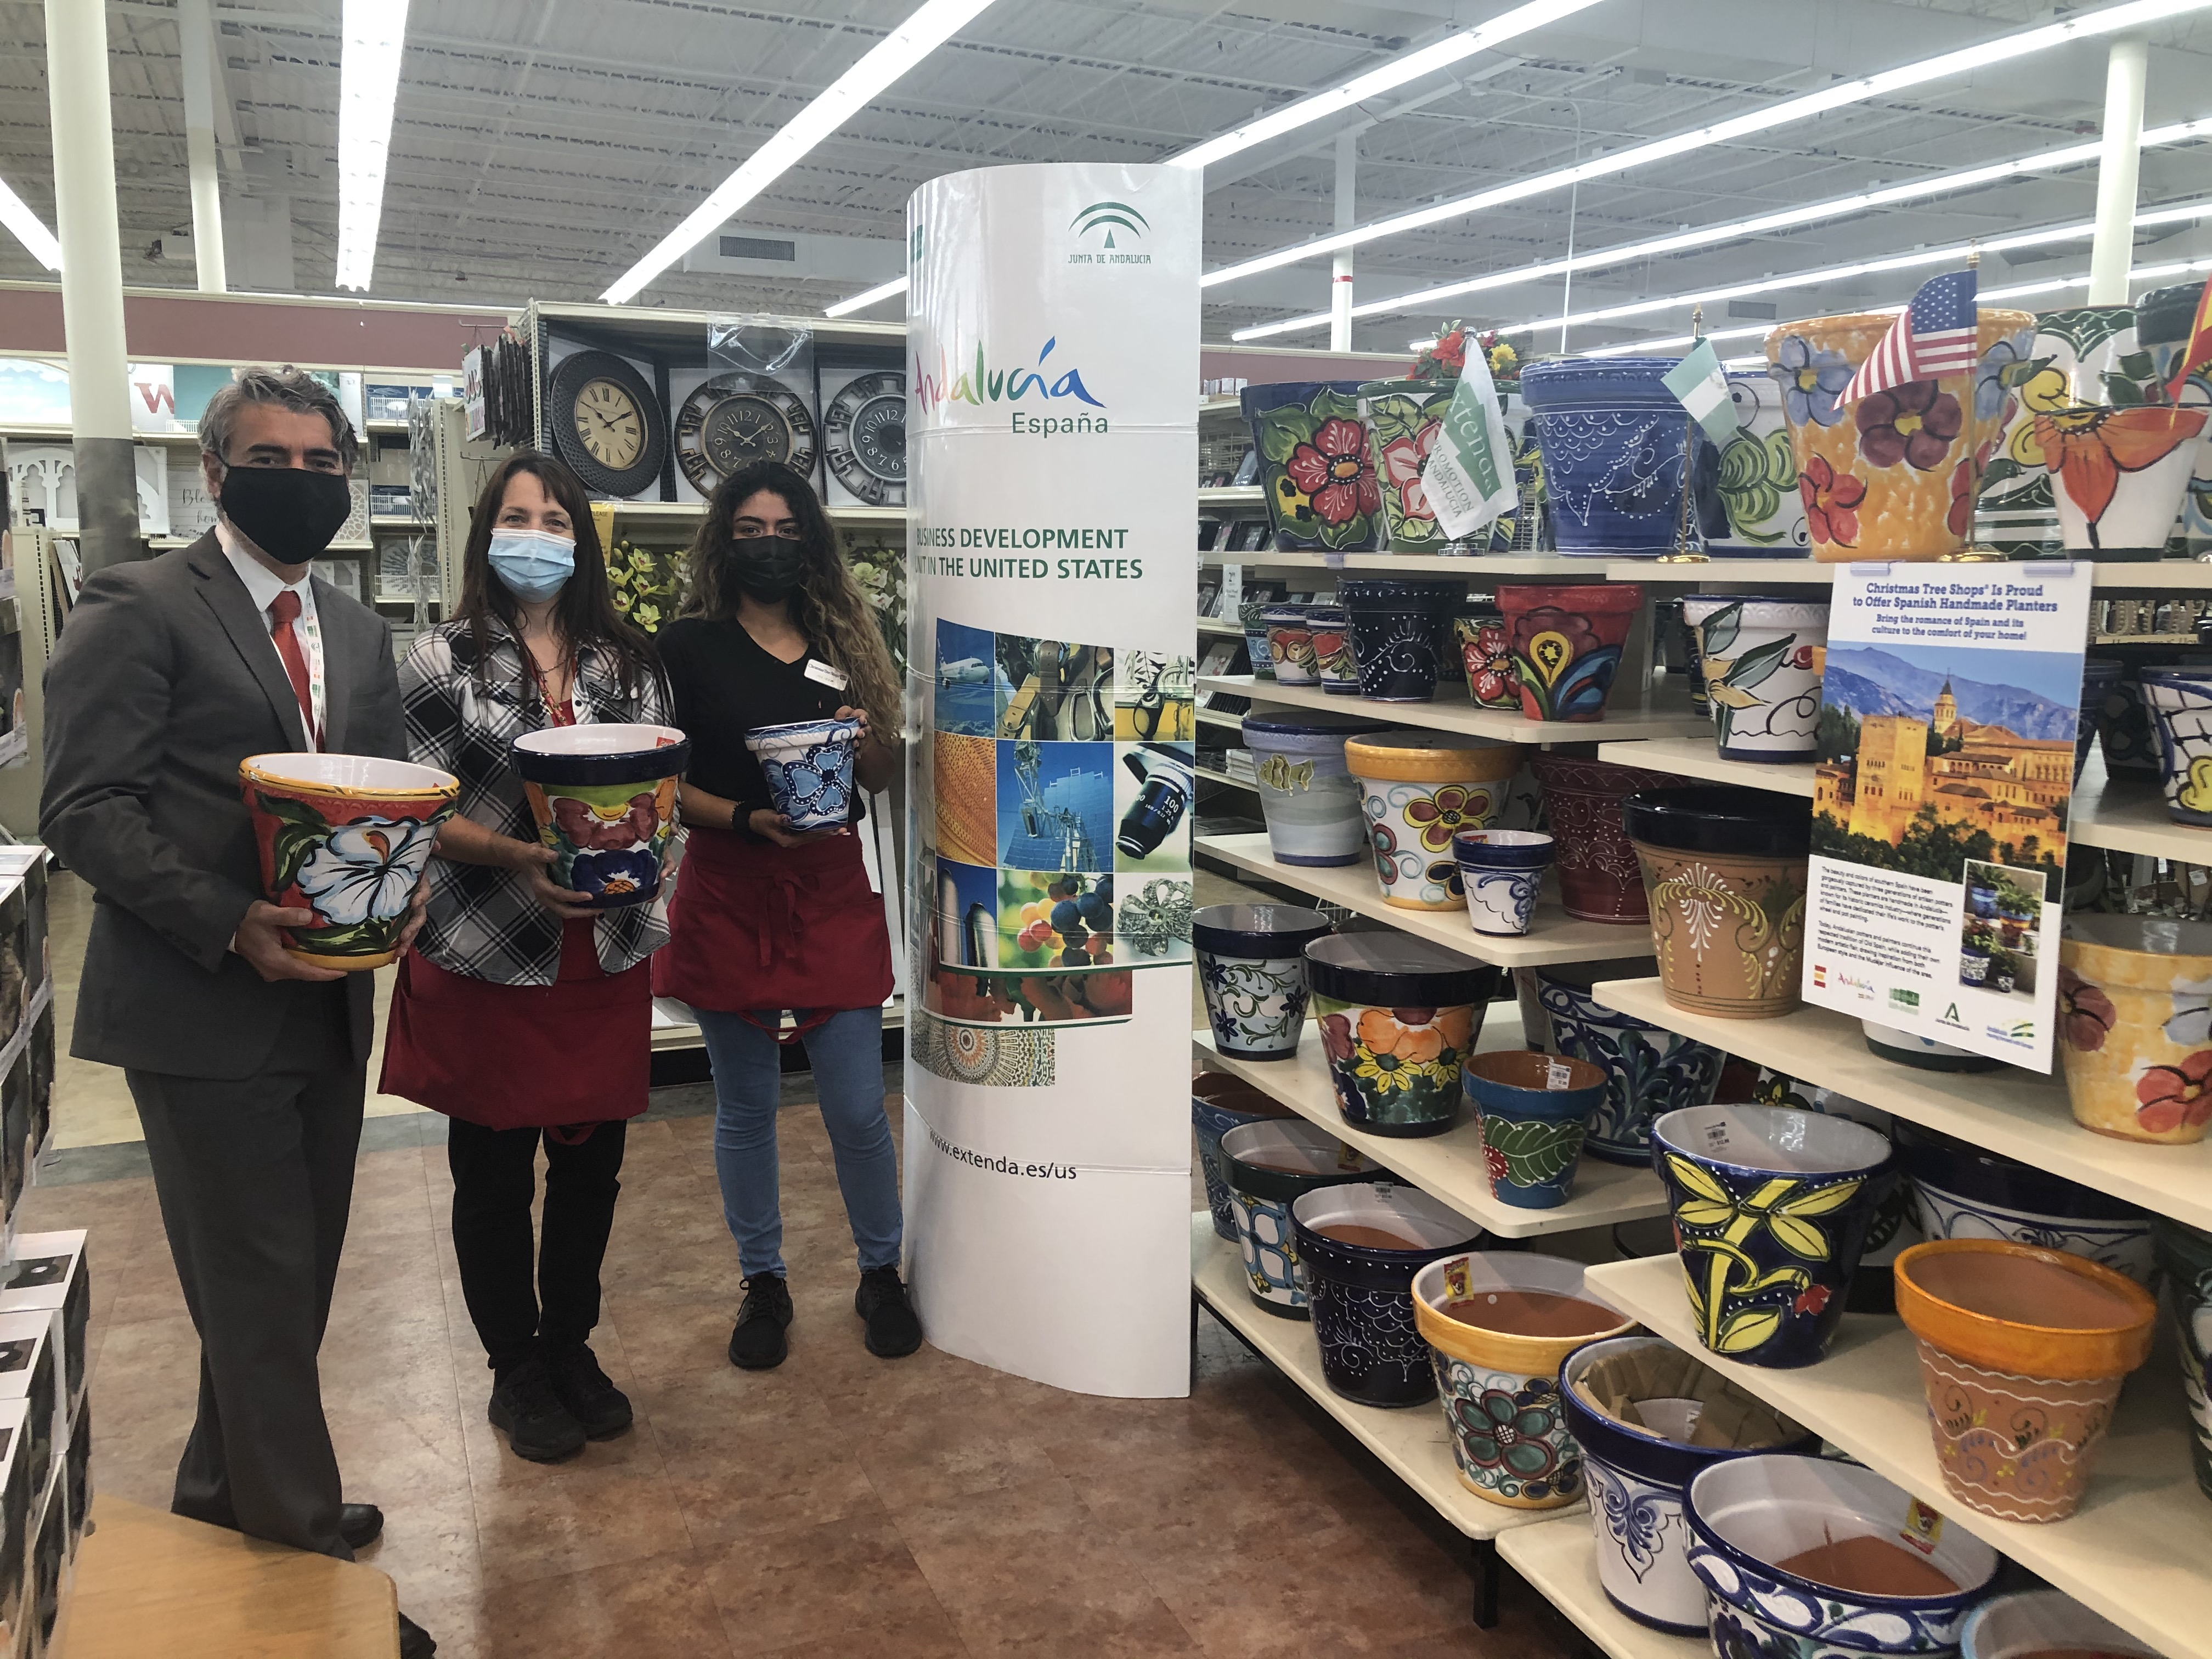 Extenda potencia la cerámica decorativa andaluza en Estados Unidos, con una campaña de marketing en una cadena de tiendas de hogar y jardín